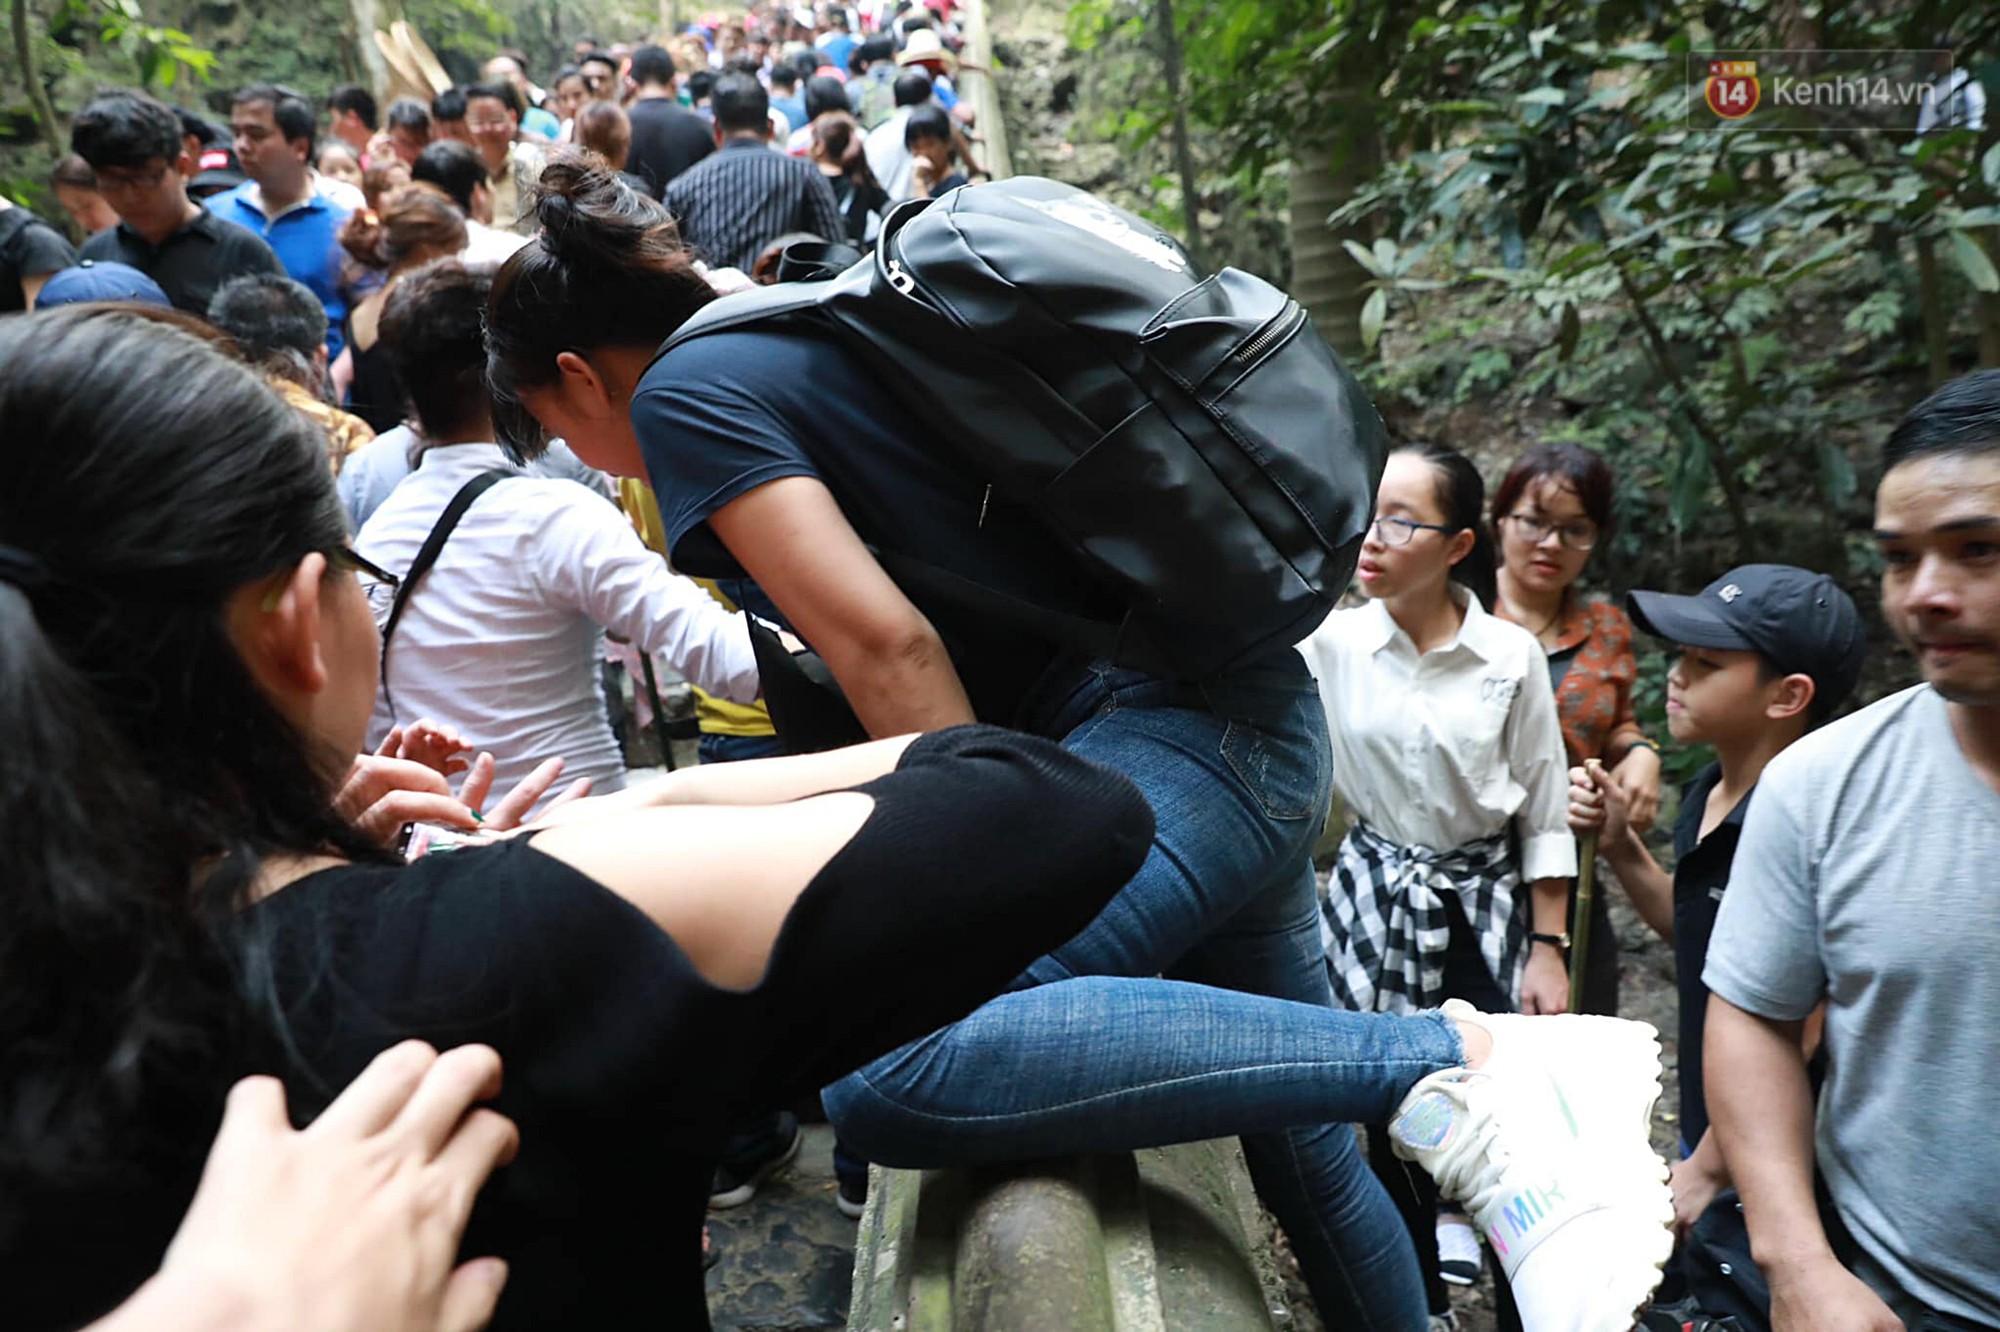 Gần 5 vạn người đổ về chùa Hương trong ngày mồng 5 Tết, 1 ngày trước khi khai hội - Ảnh 9.